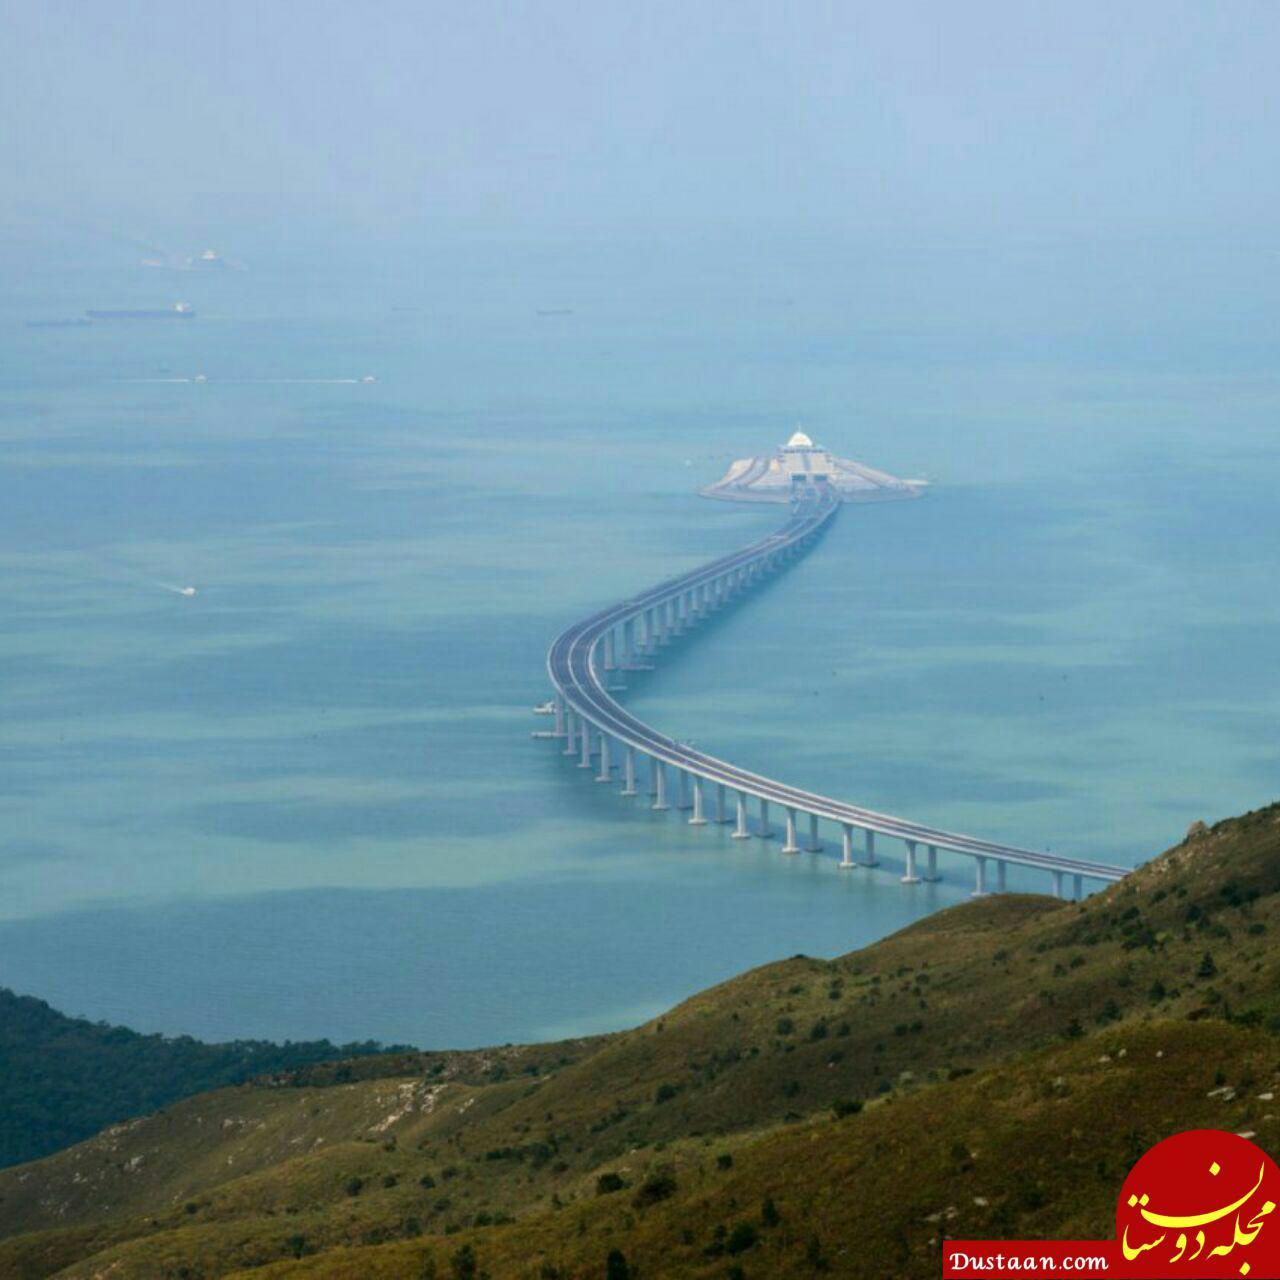 www.dustaan.com افتتاح طولانی ترین پل جهان با امکانات عجیب! +عکس